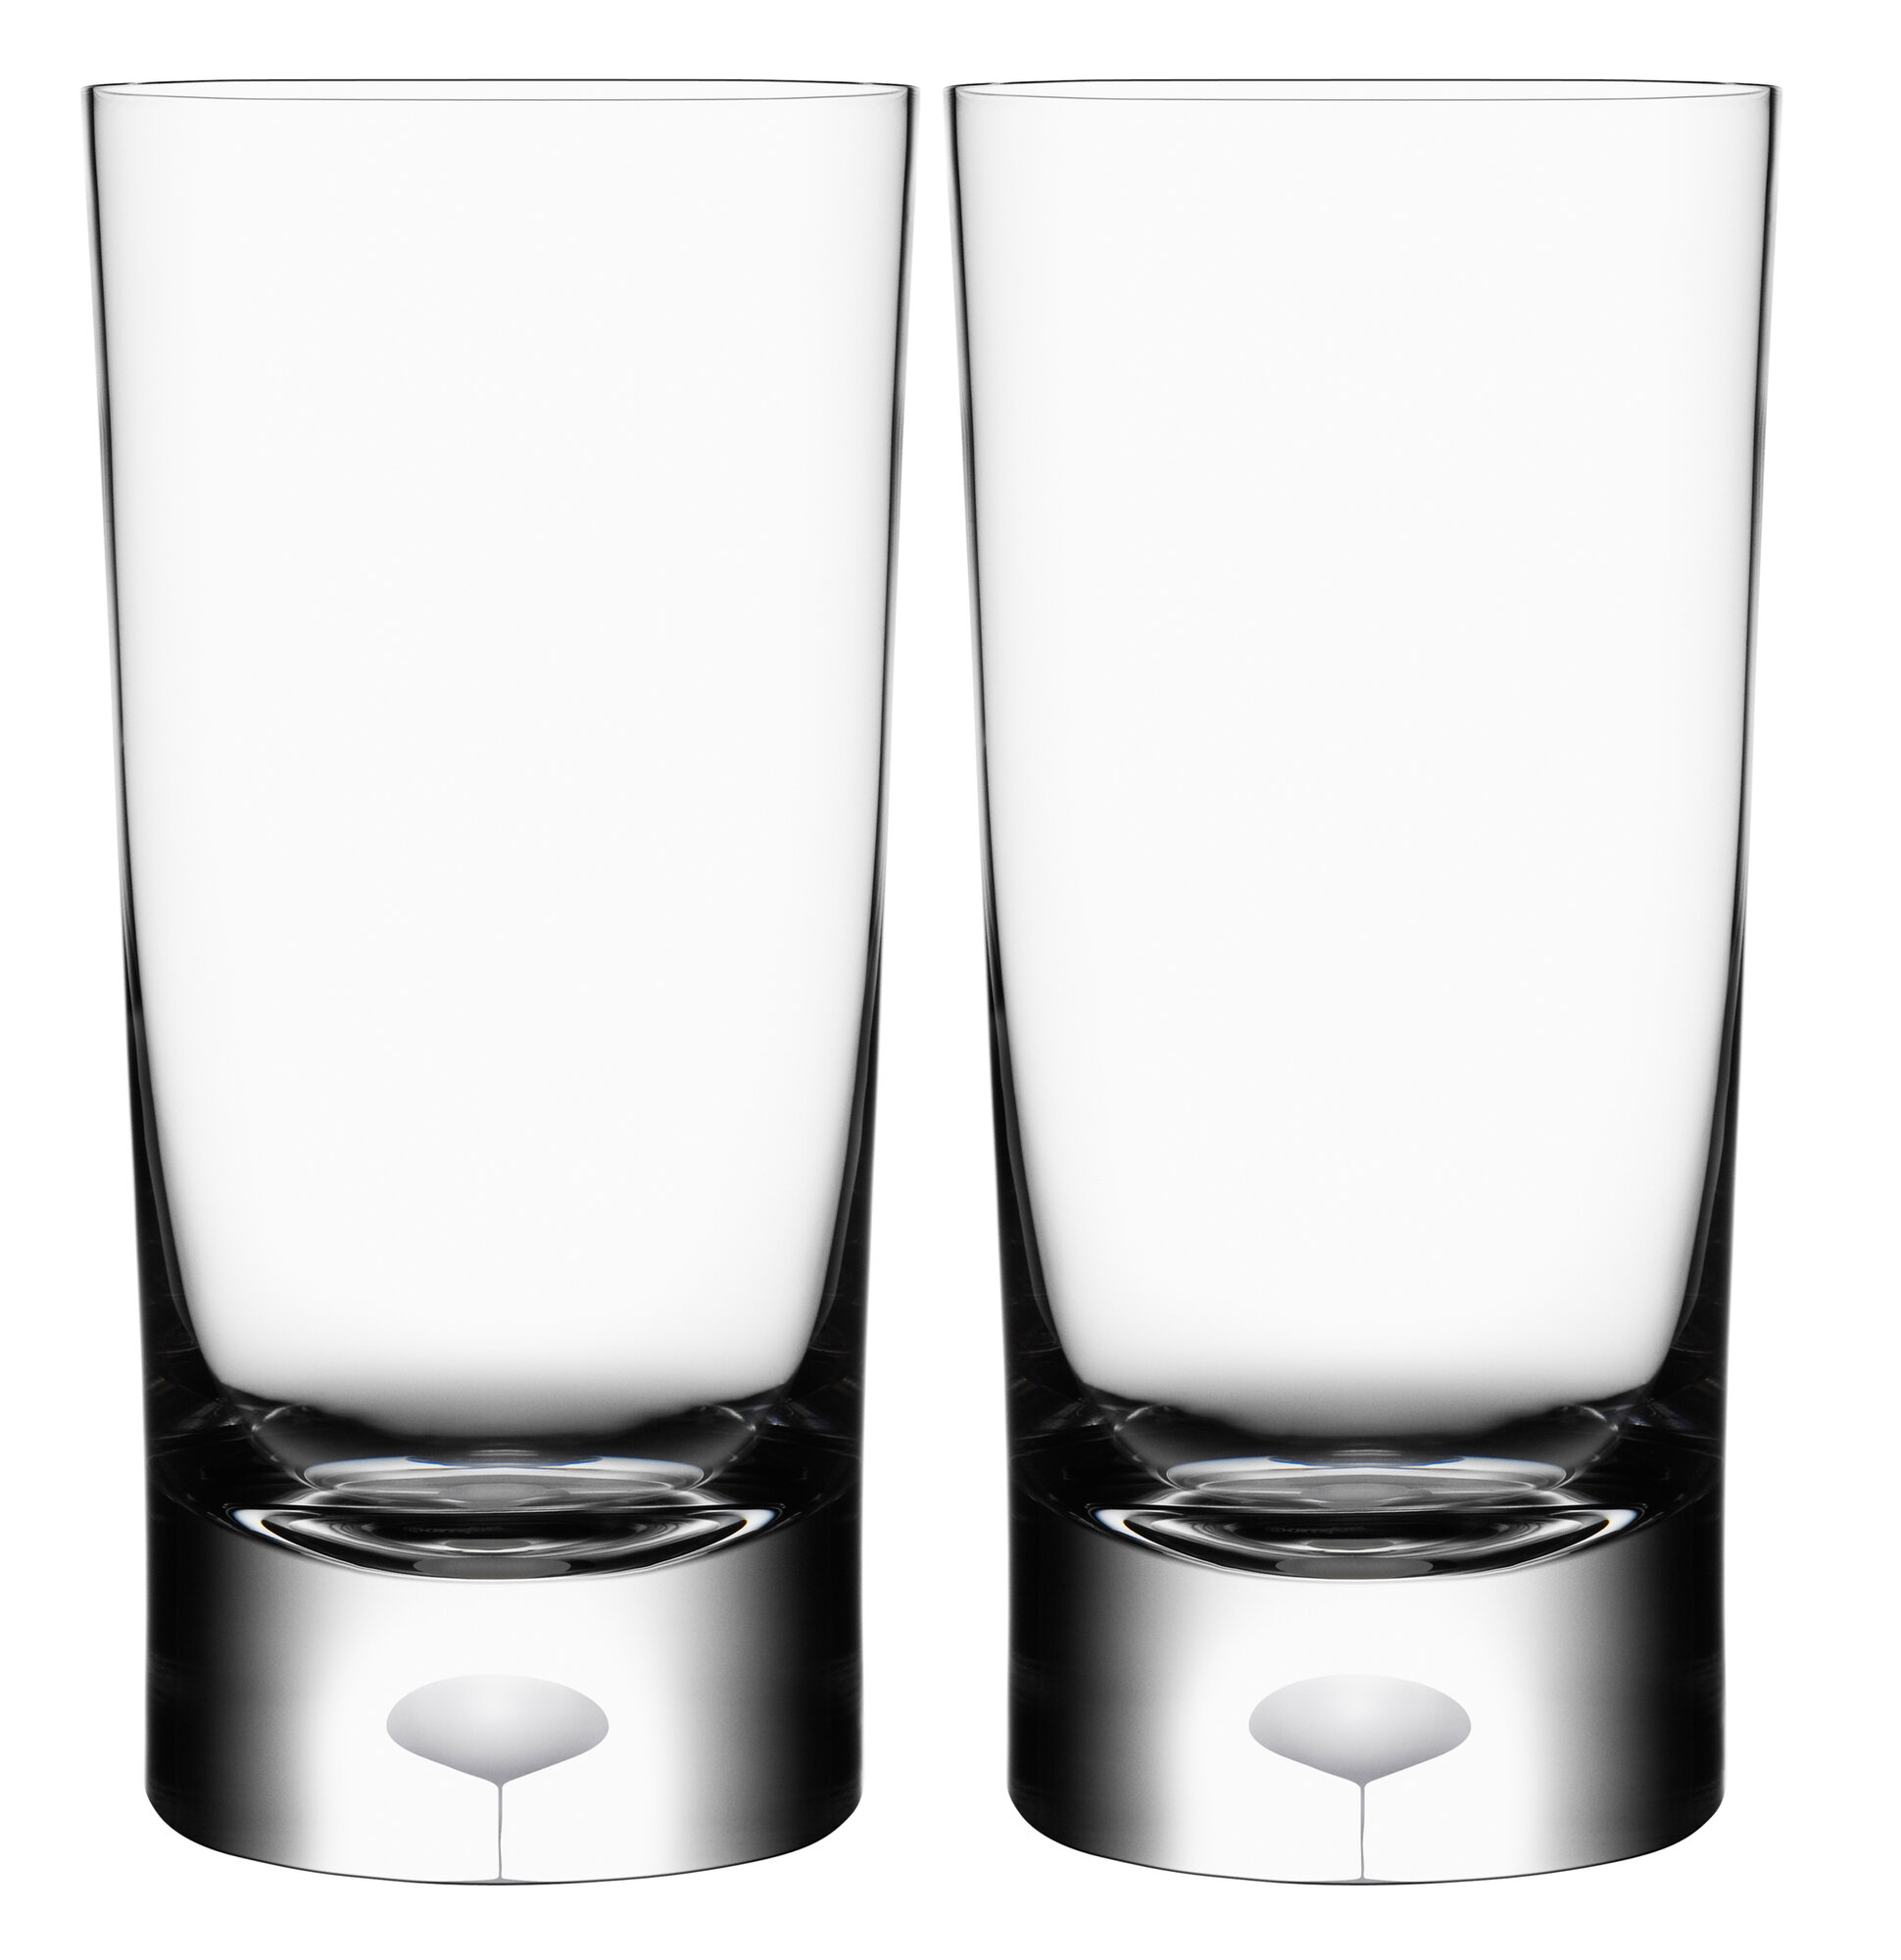 Orrefors Intermezzo Satin Glass Set of 2 | eBay